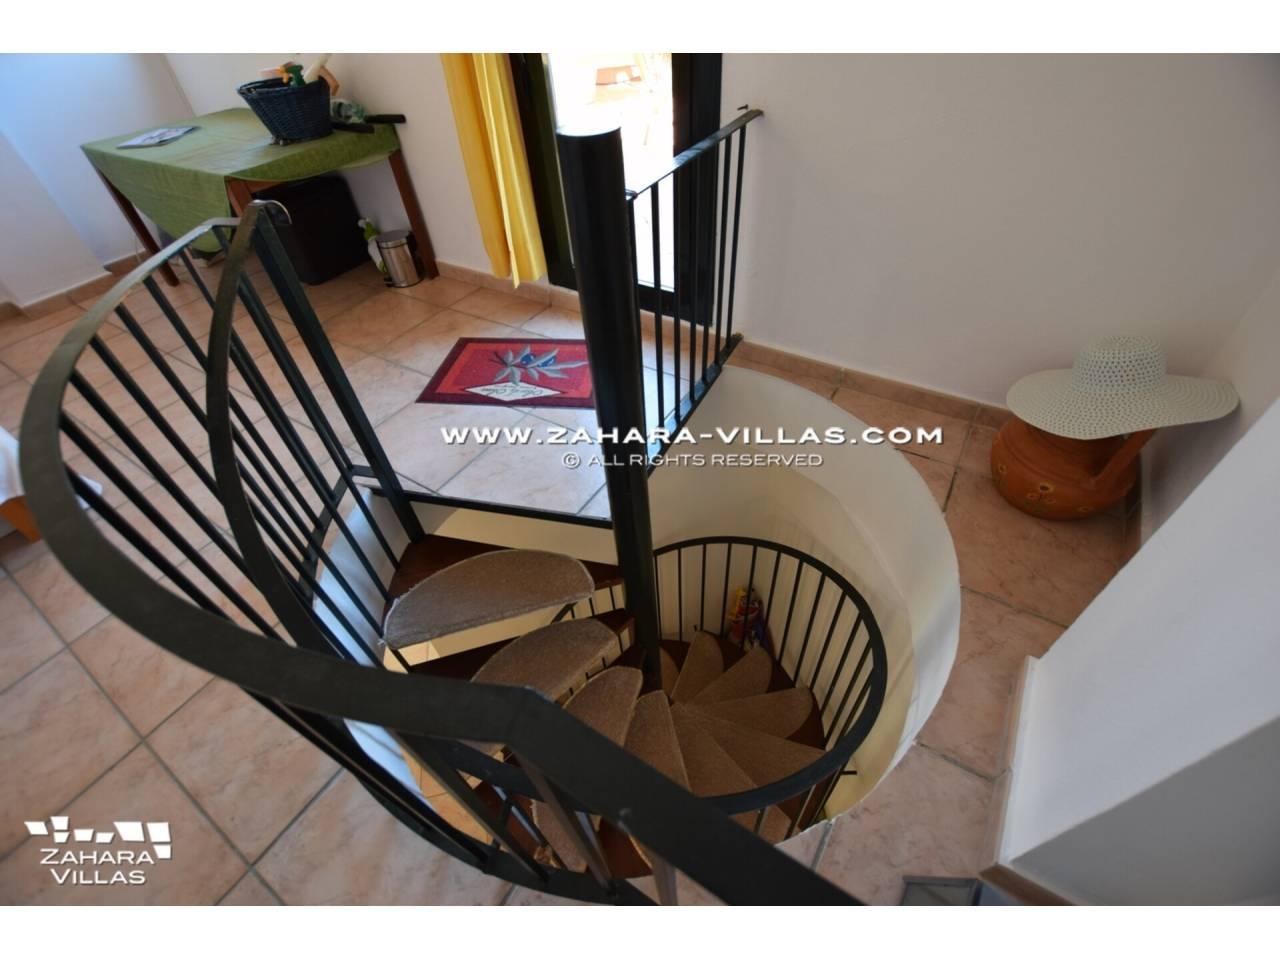 Imagen 31 de Penthouse apartment for sale in Zahara de los Atunes